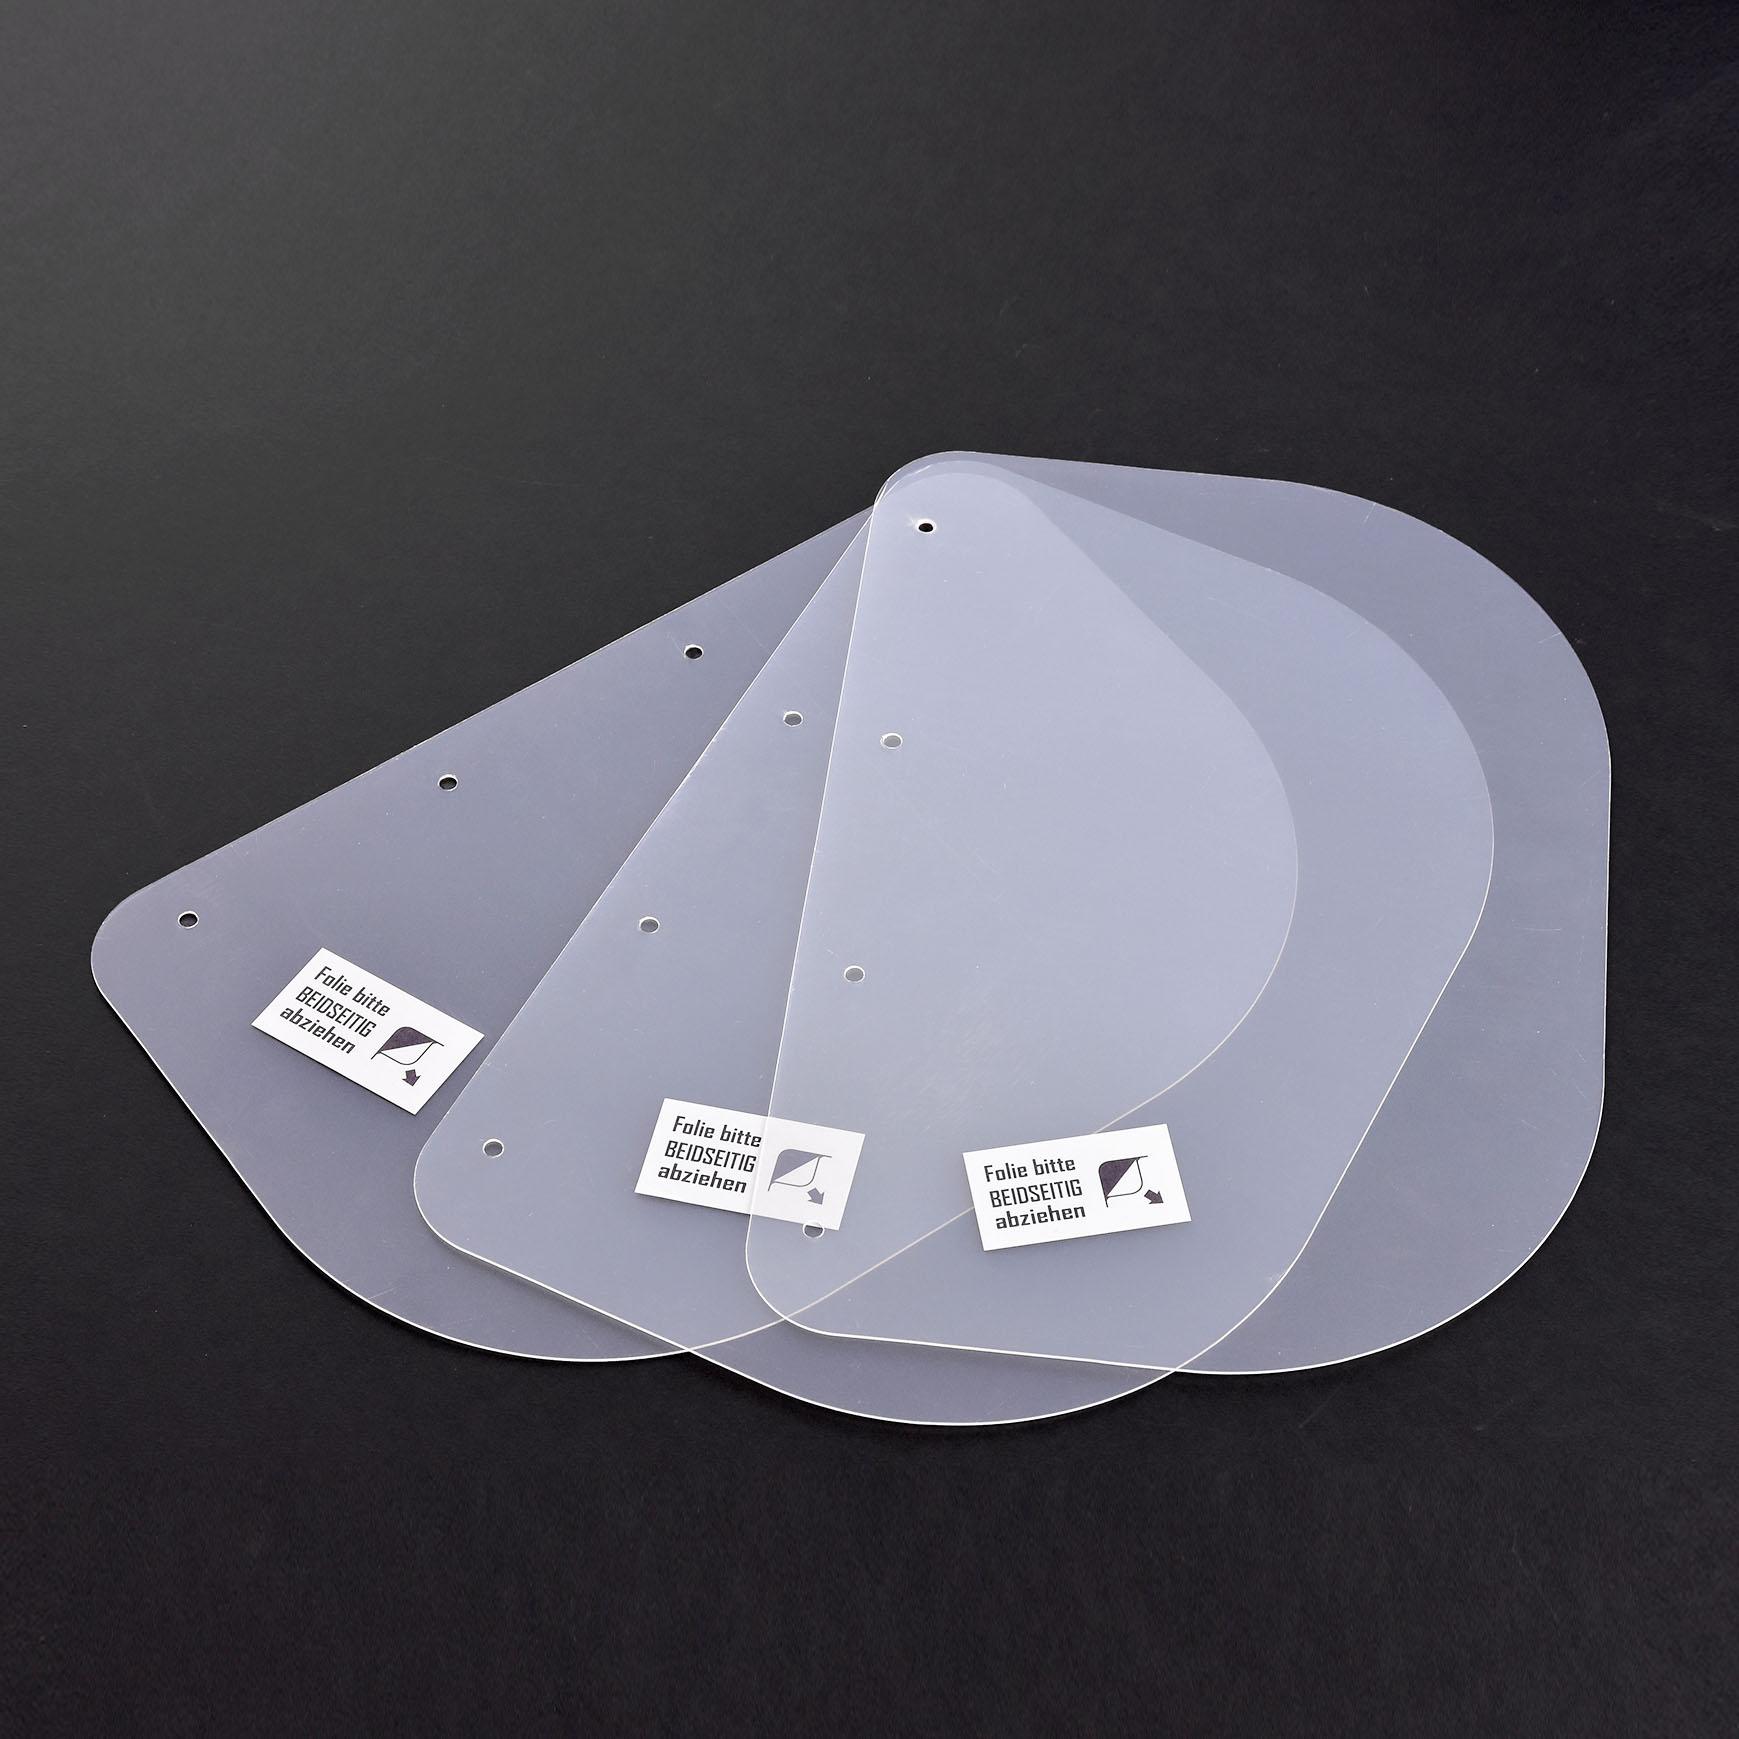 Faceshield-Ersatzschild-Gesichtscvisier-FS-01-3D-kaufen.jpg